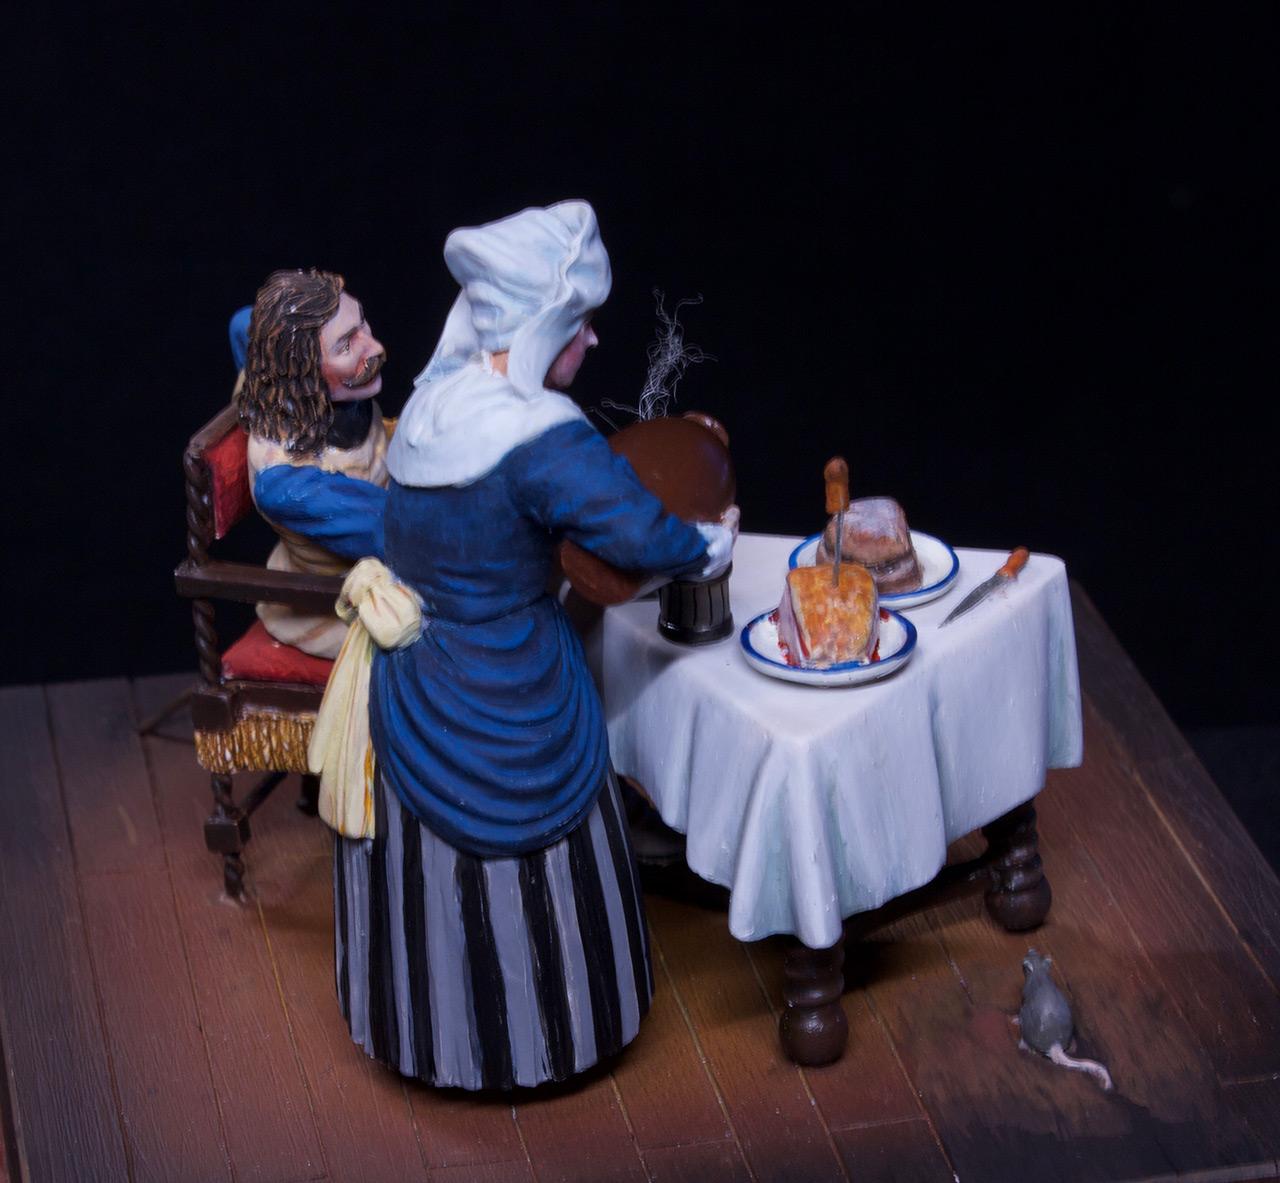 Диорамы и виньетки: Горничная и кавалер за столом, фото #12